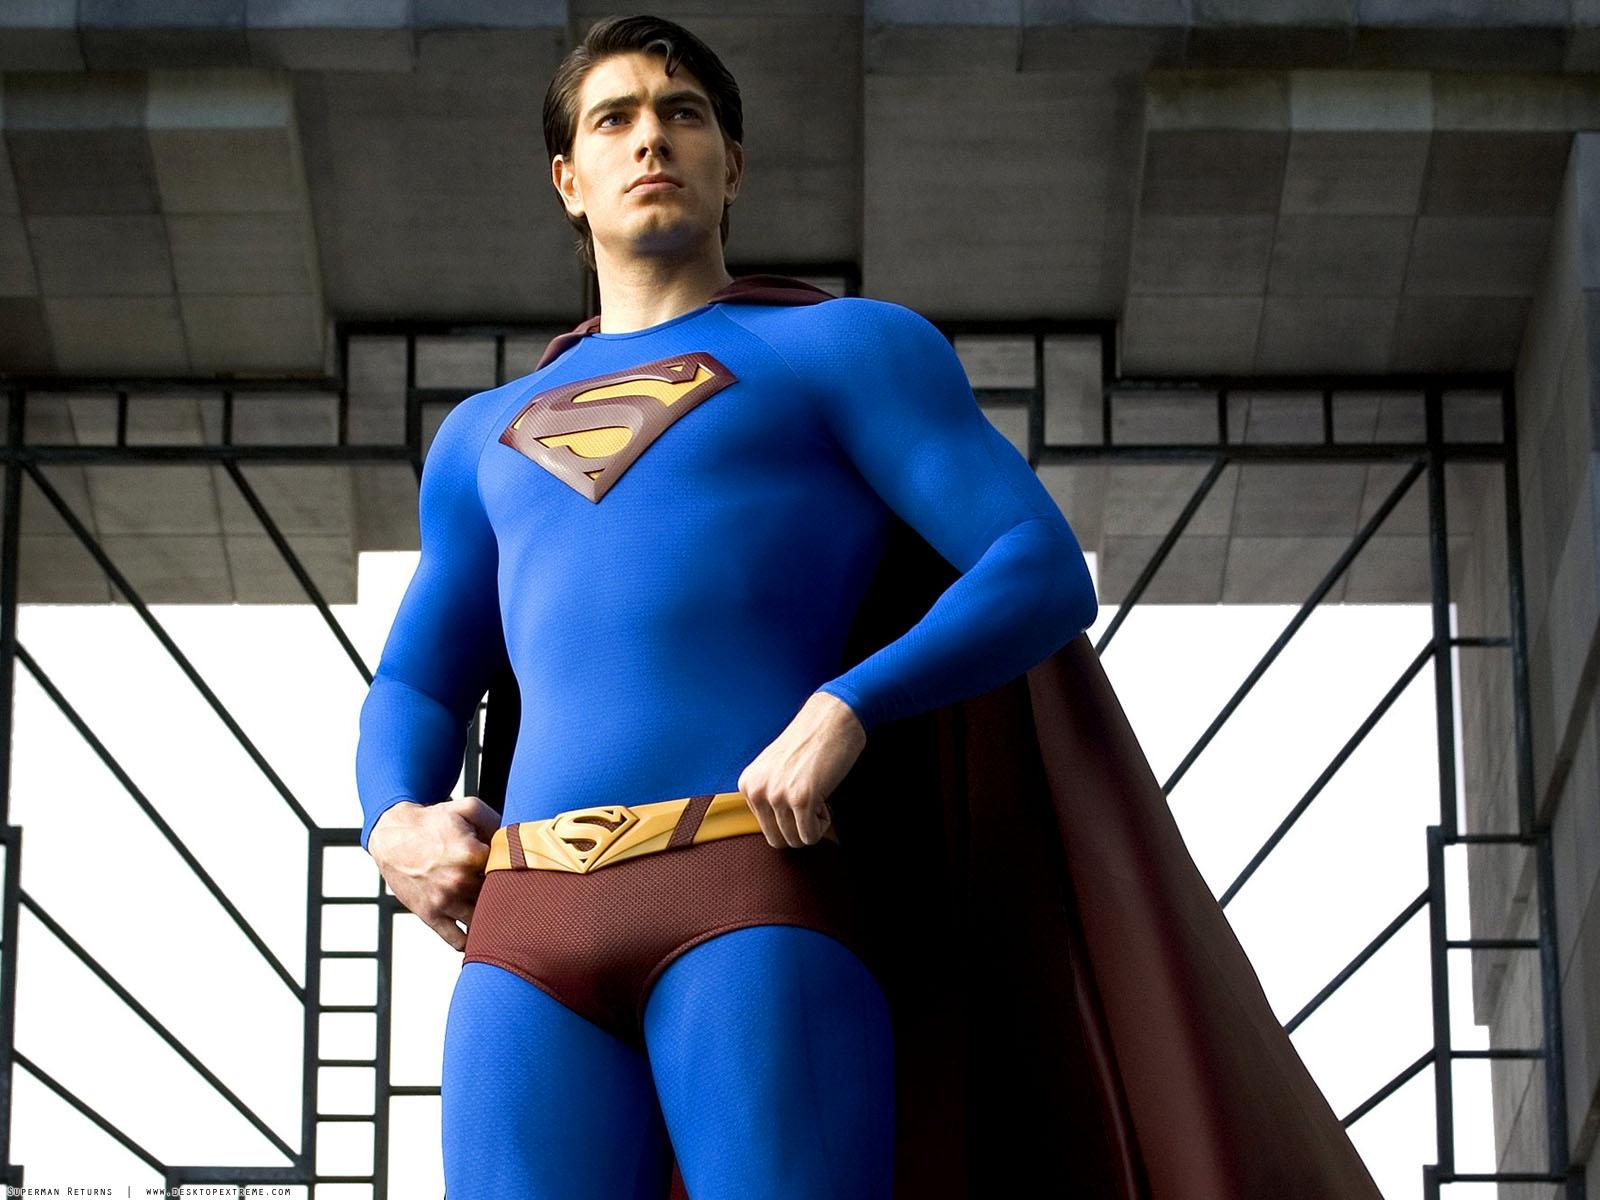 1341849-superman_returns  Öz güveninizi artırmak için başvurmanız gereken vücut dili önerileri 1341849 superman returns